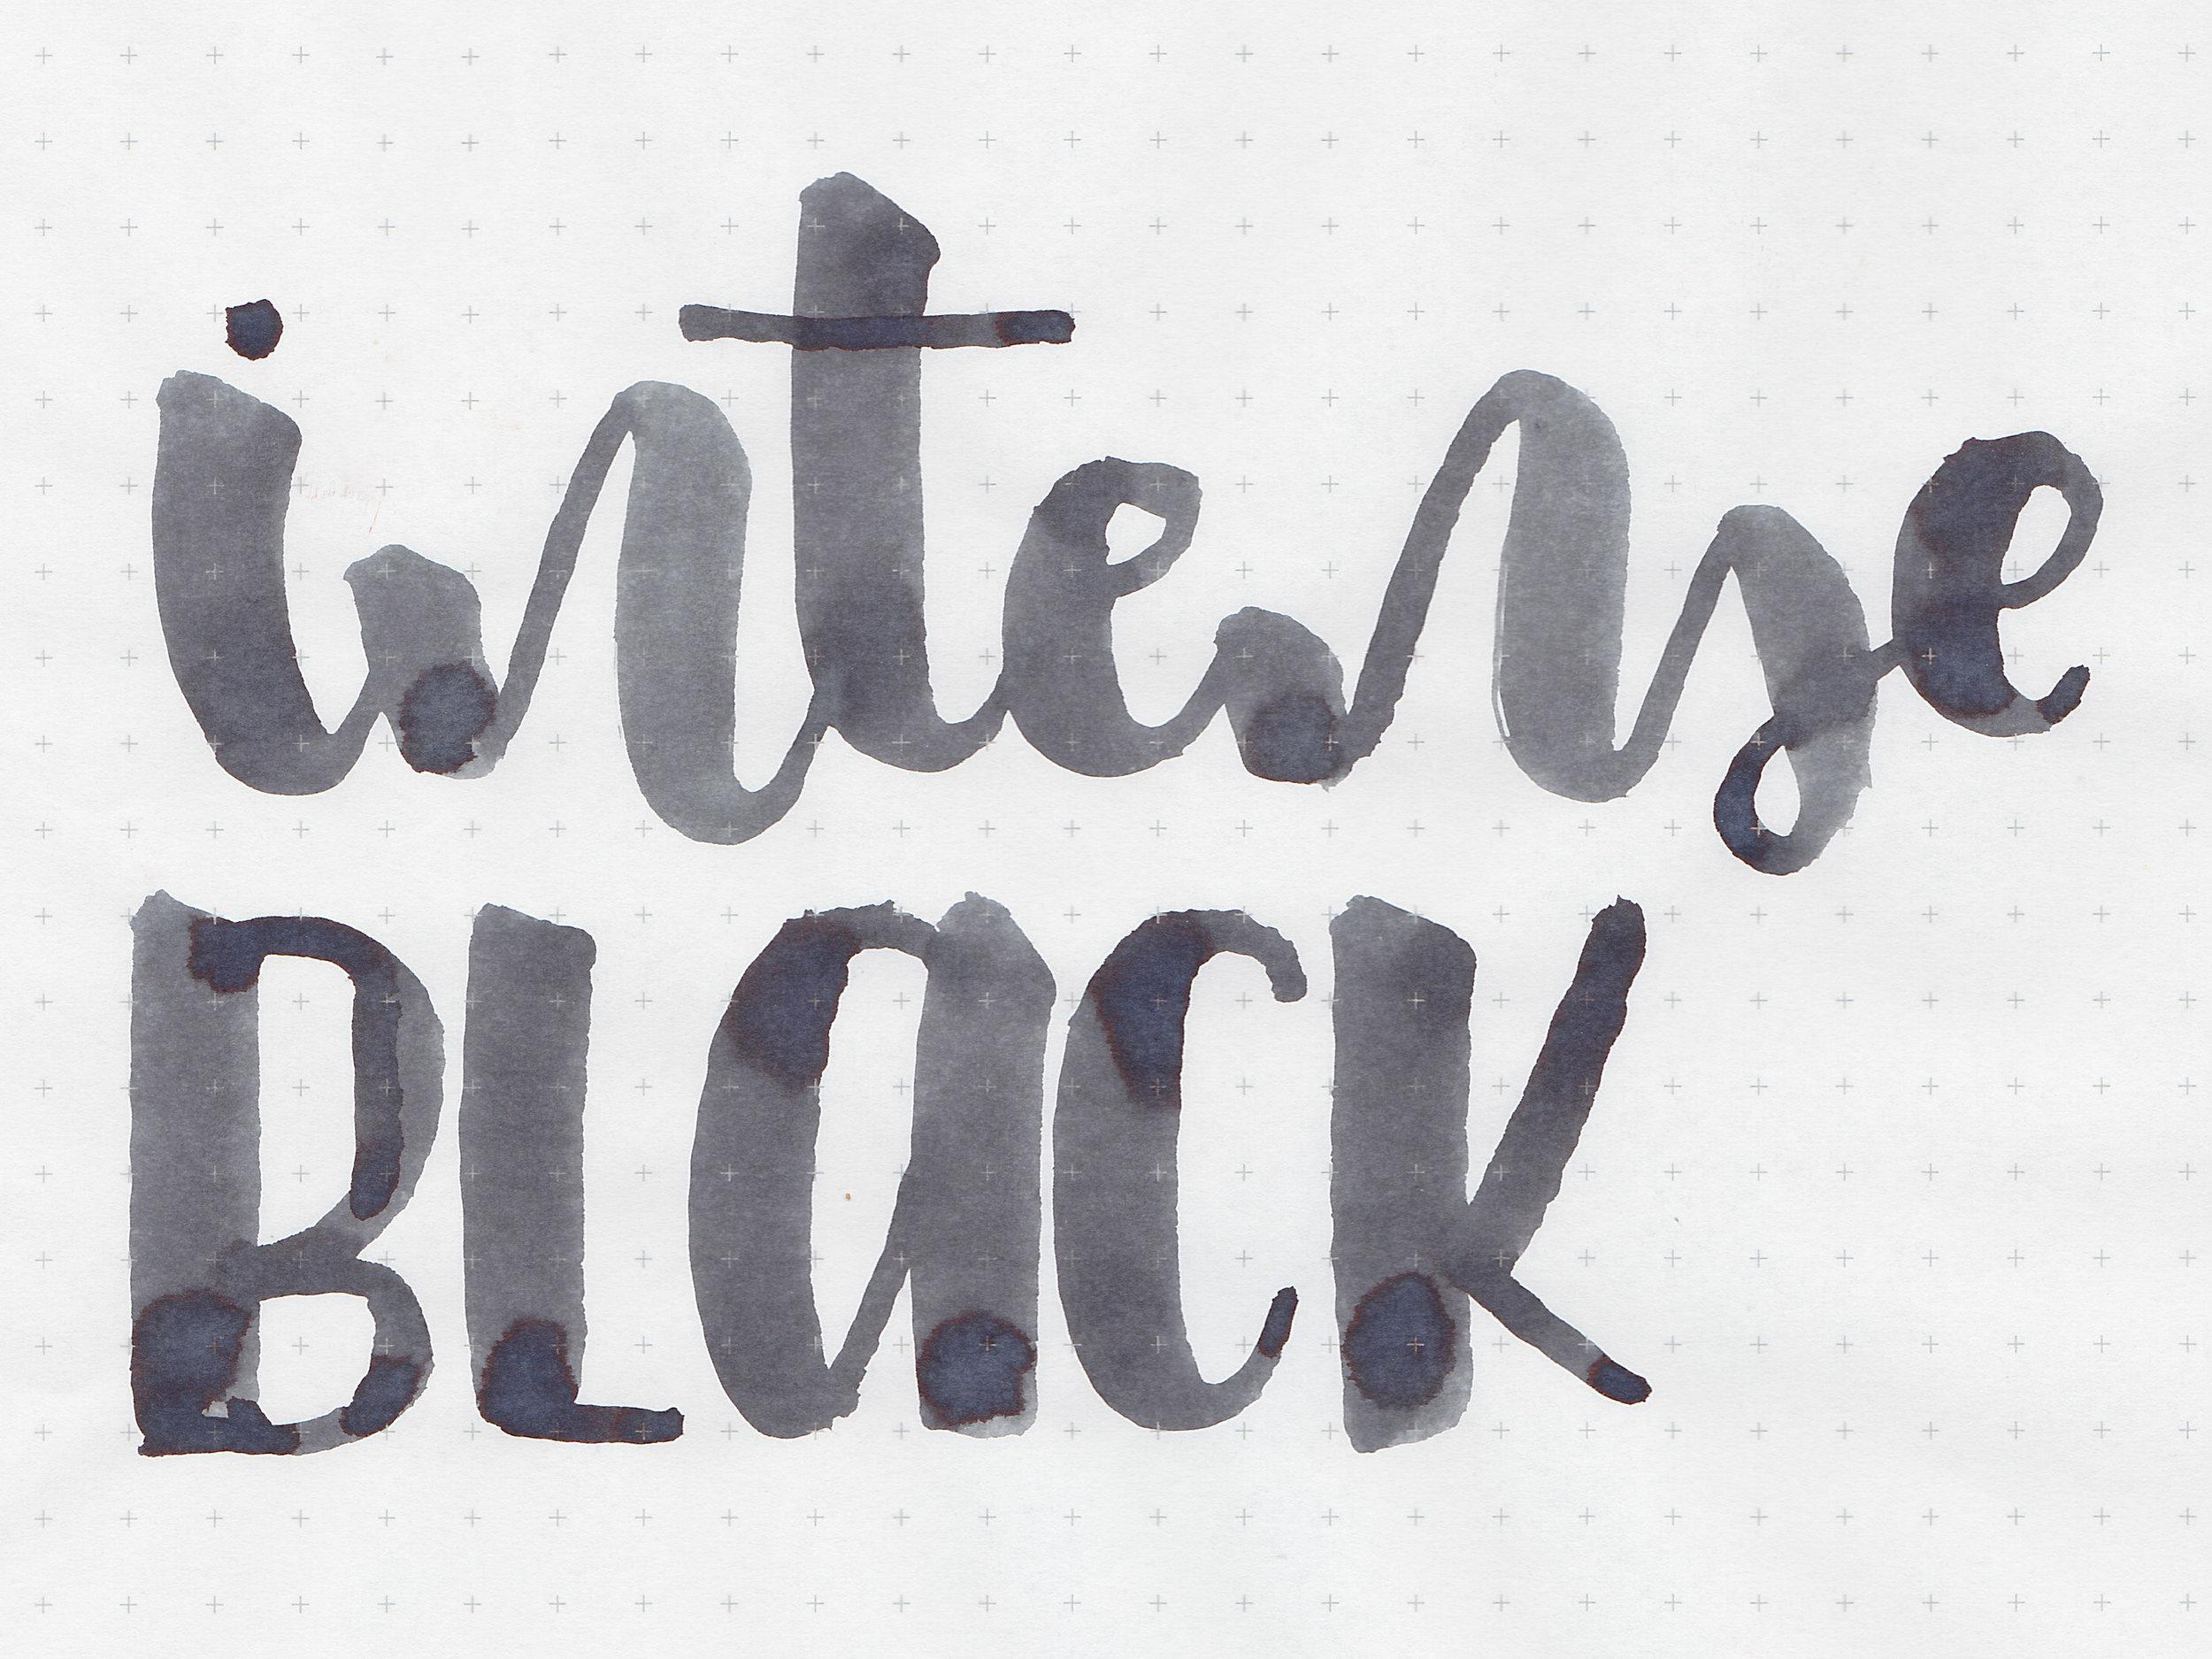 wtr-intense-black-3.jpg